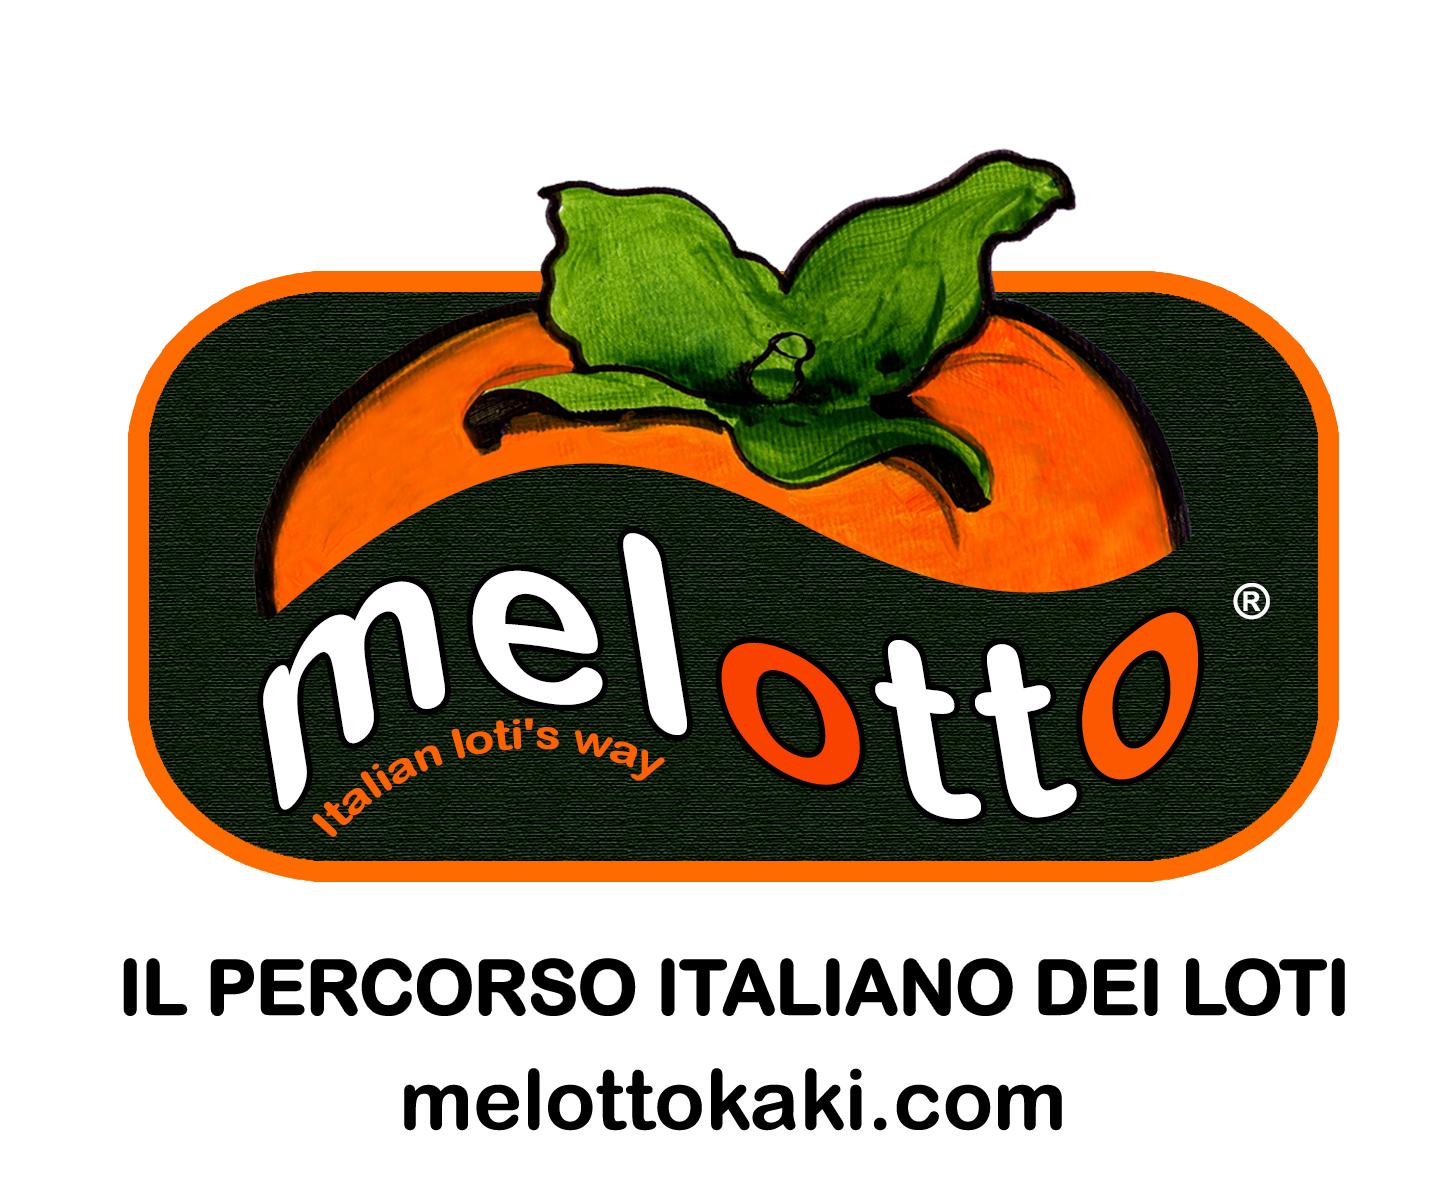 """MELOTTO ® """"ITALIAN LOTI'S WAY"""""""